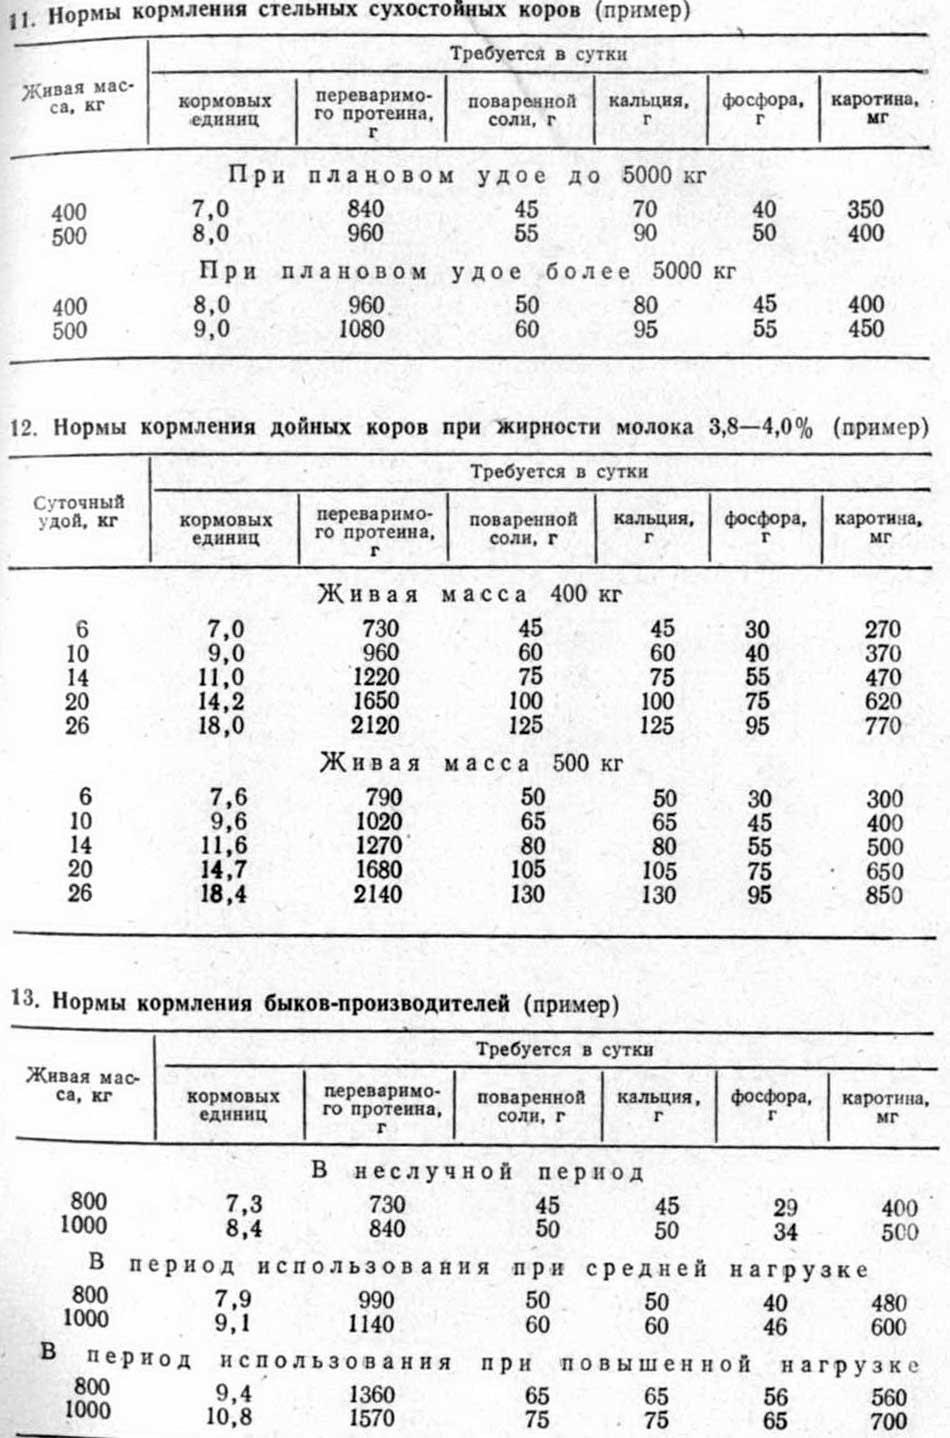 http://zhivotnovodstvo.net.ru/n/normy-kormleniya-svinej-na-otkorme-72.jpg